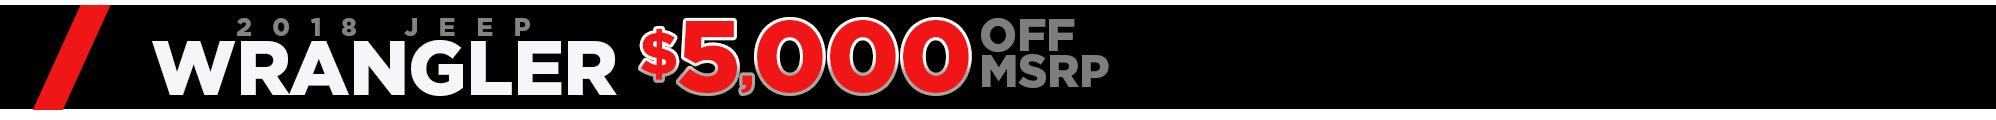 MSRP offer